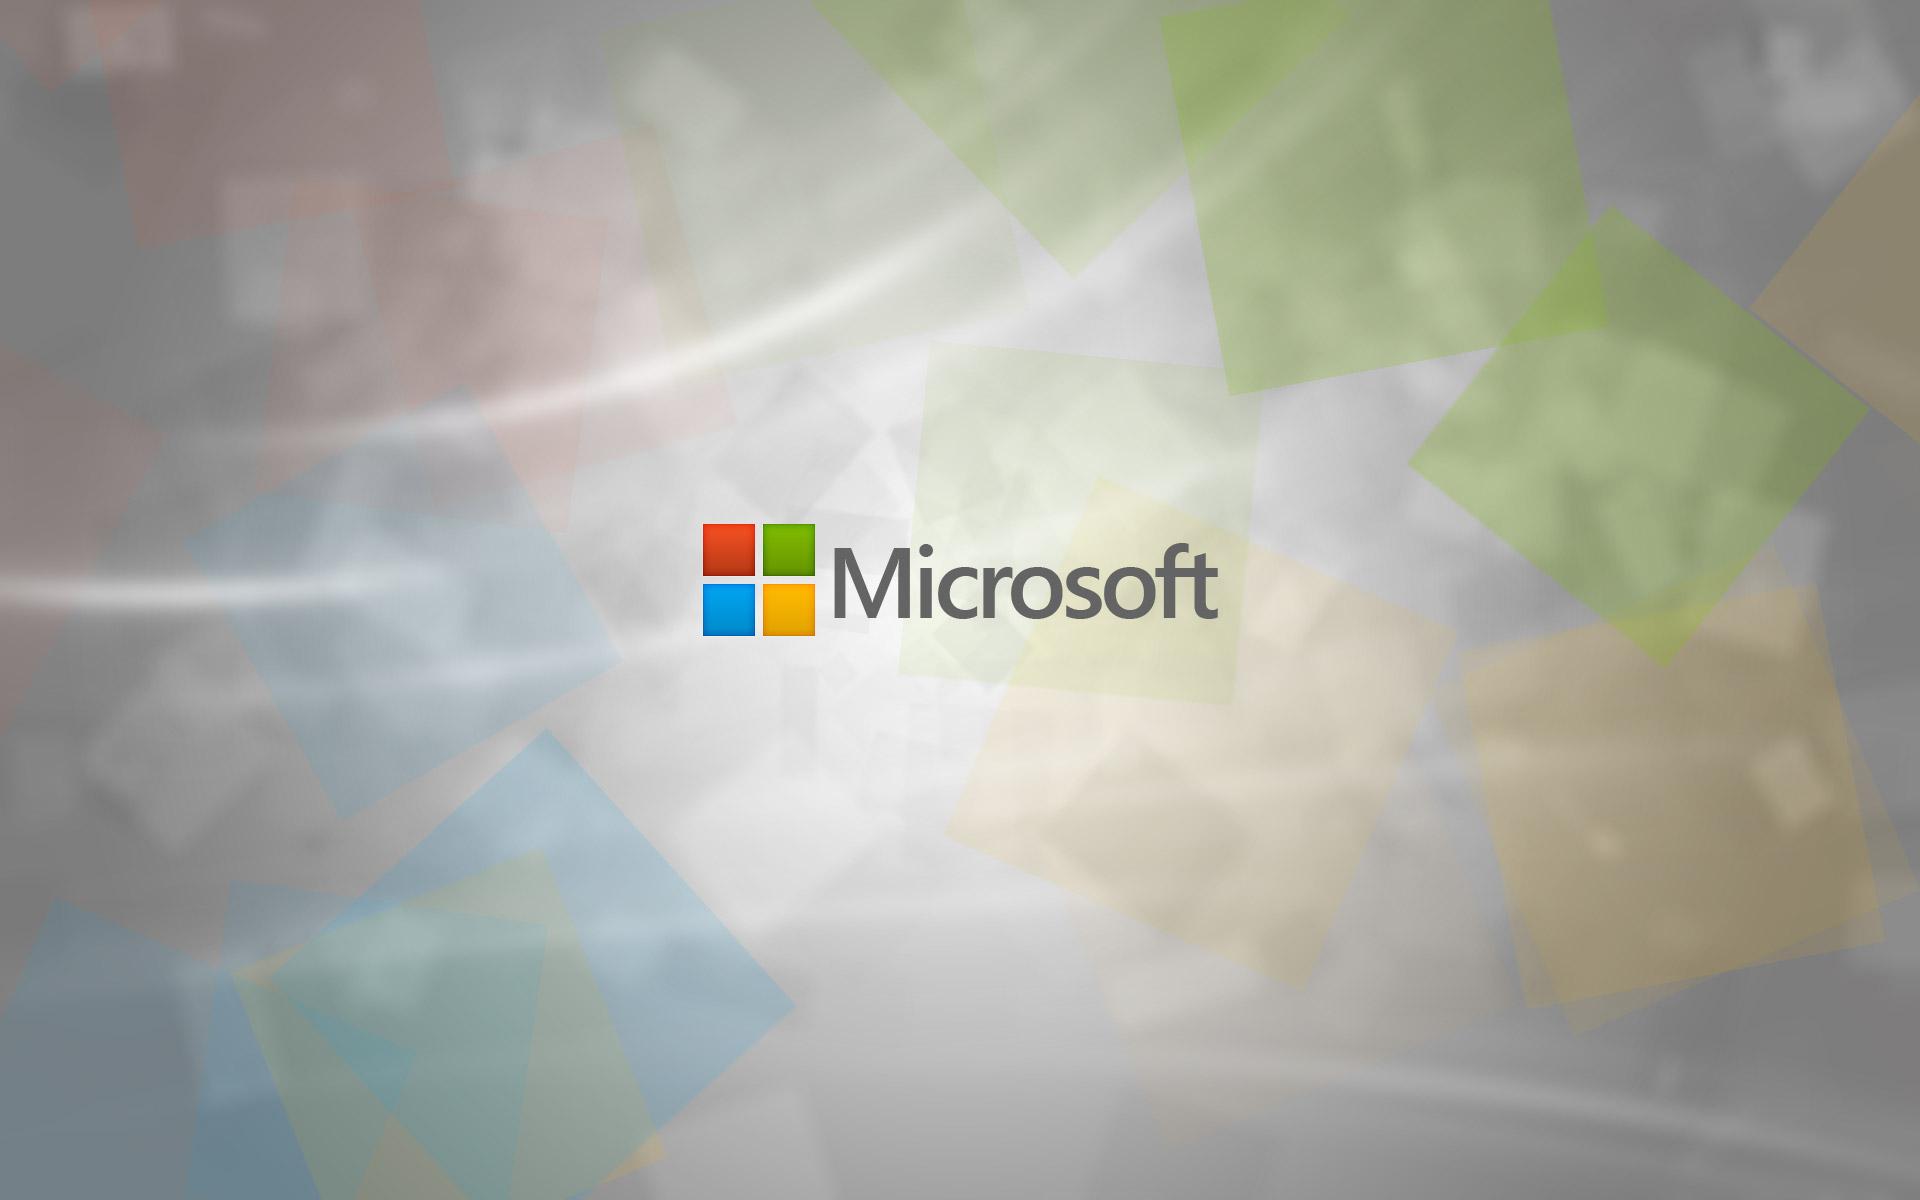 httphdwallpaperiacomfree microsoft desktop backgrounds hdhtml 1920x1200